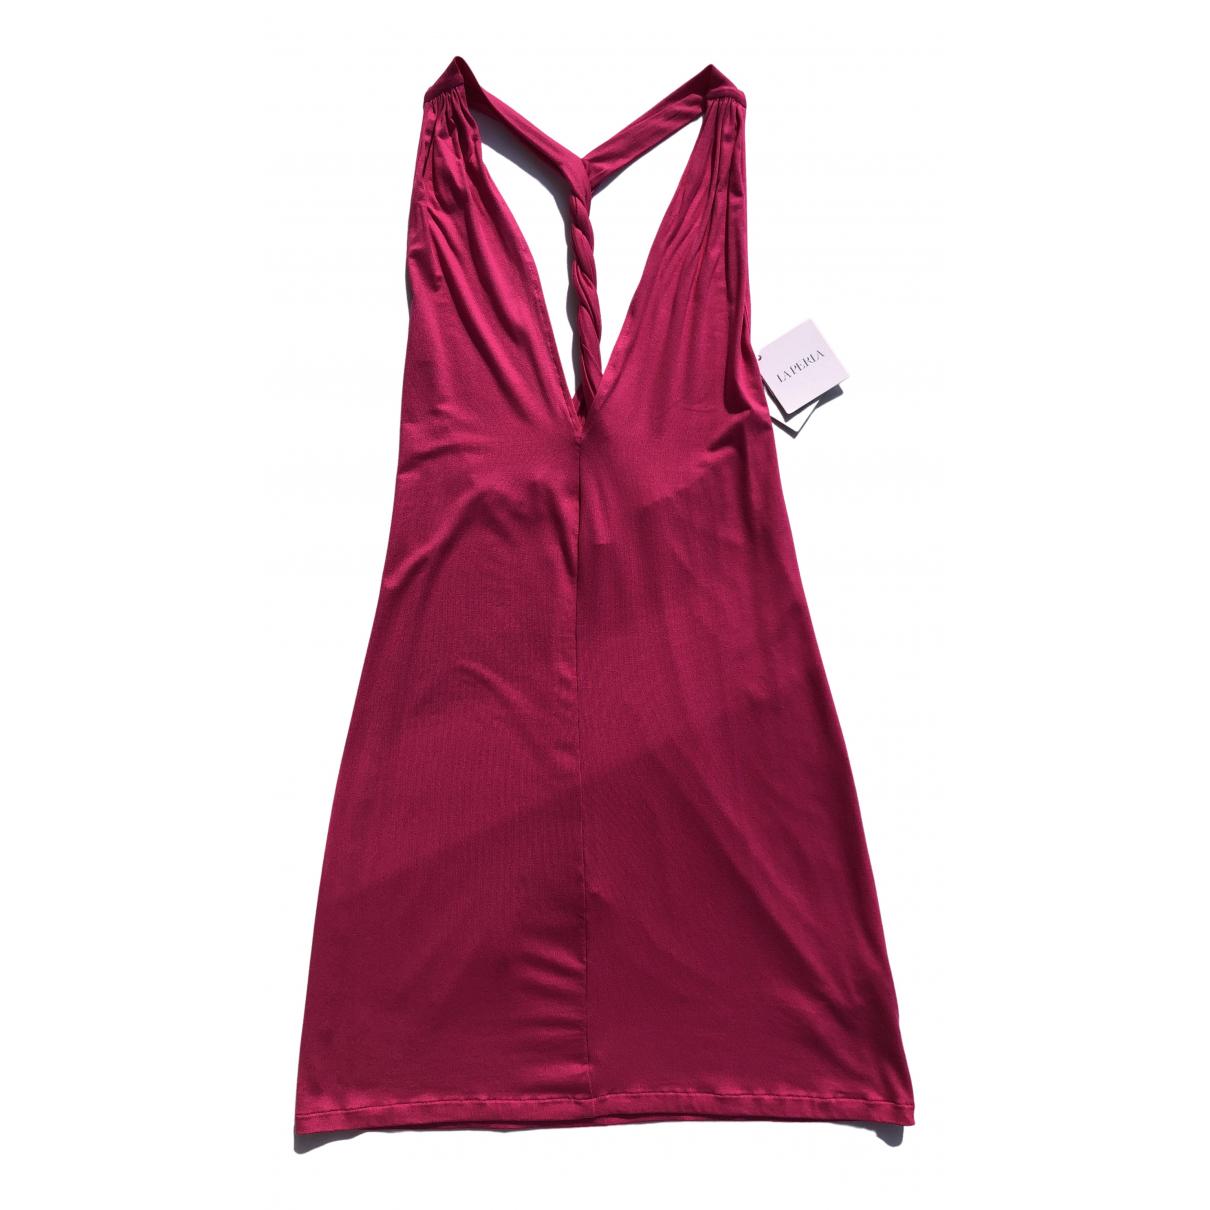 La Perla \N Pink dress for Women 44 IT